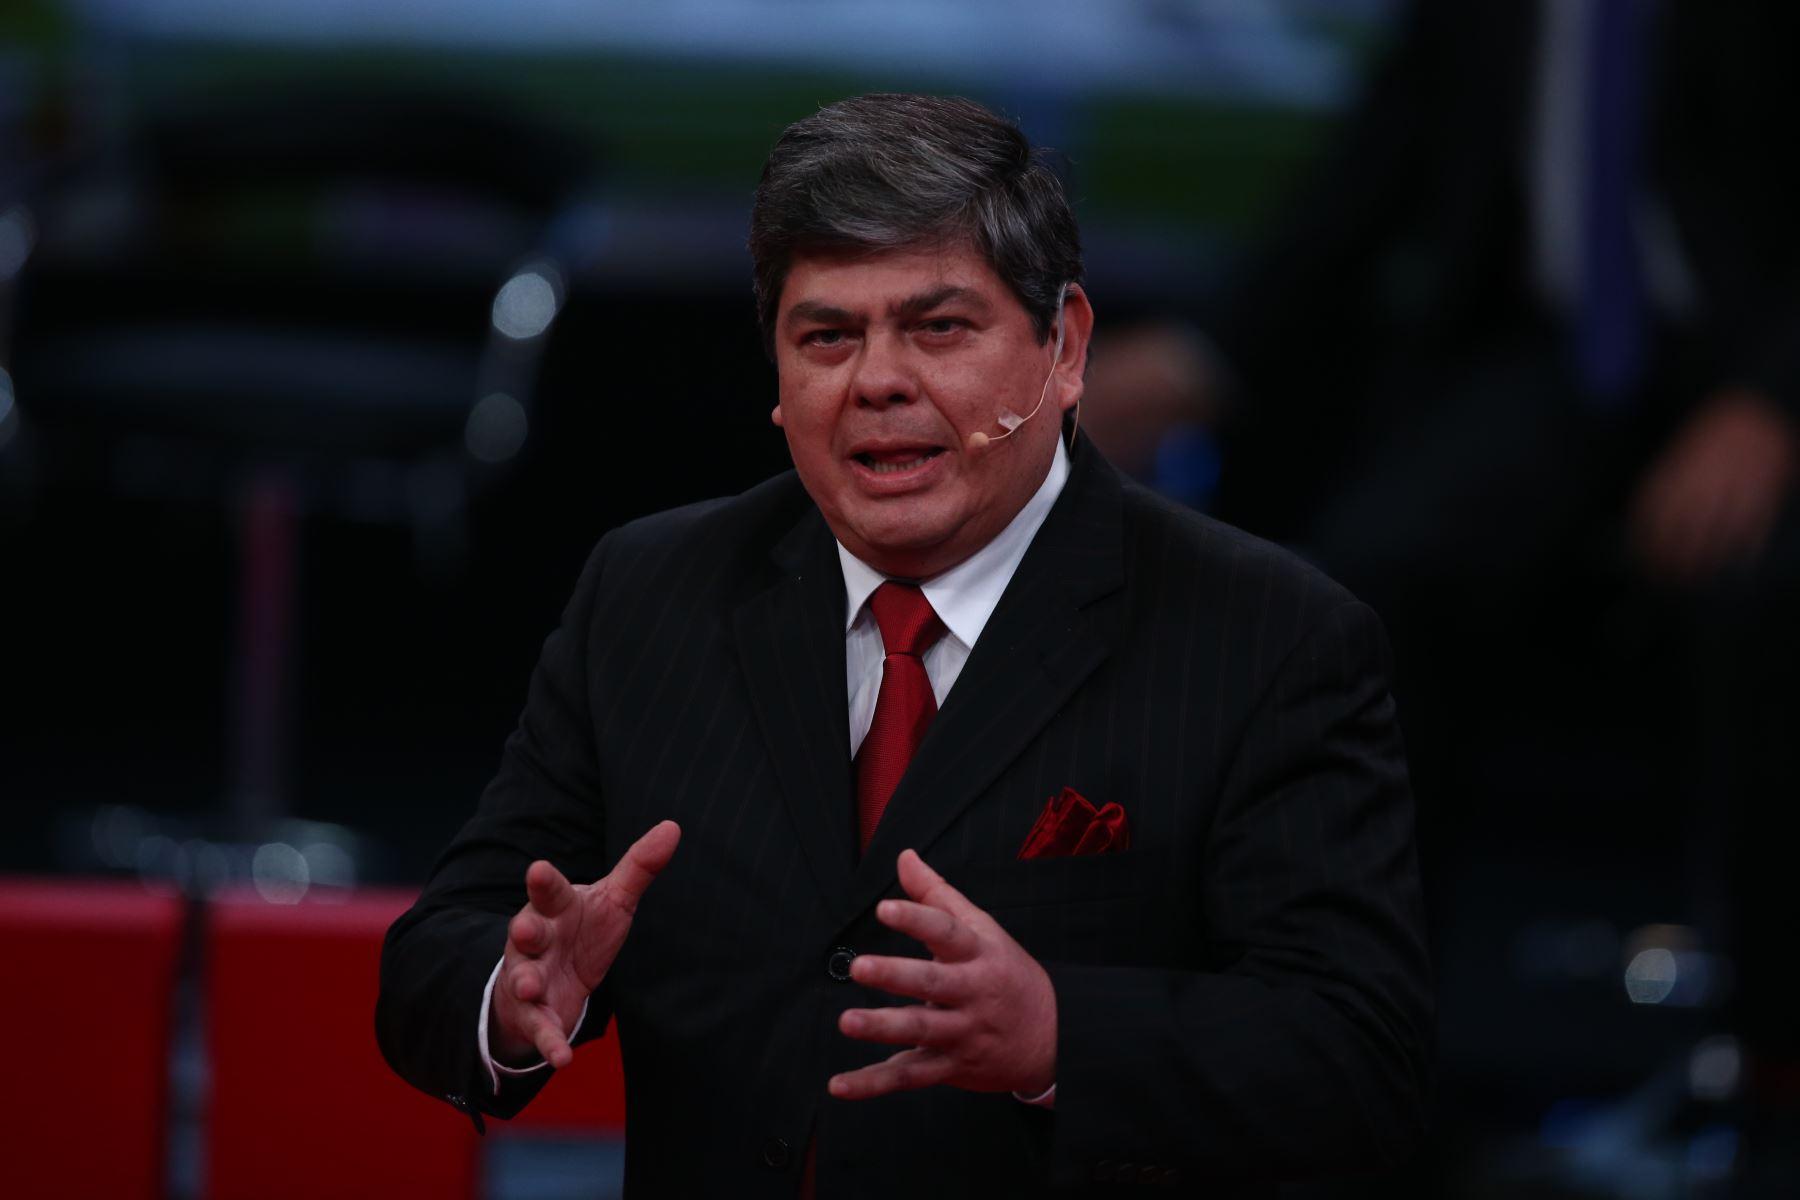 Carlos Torre Caro de Vamos Perú participa en debate. Foto: ANDINA/Vidal Tarqui